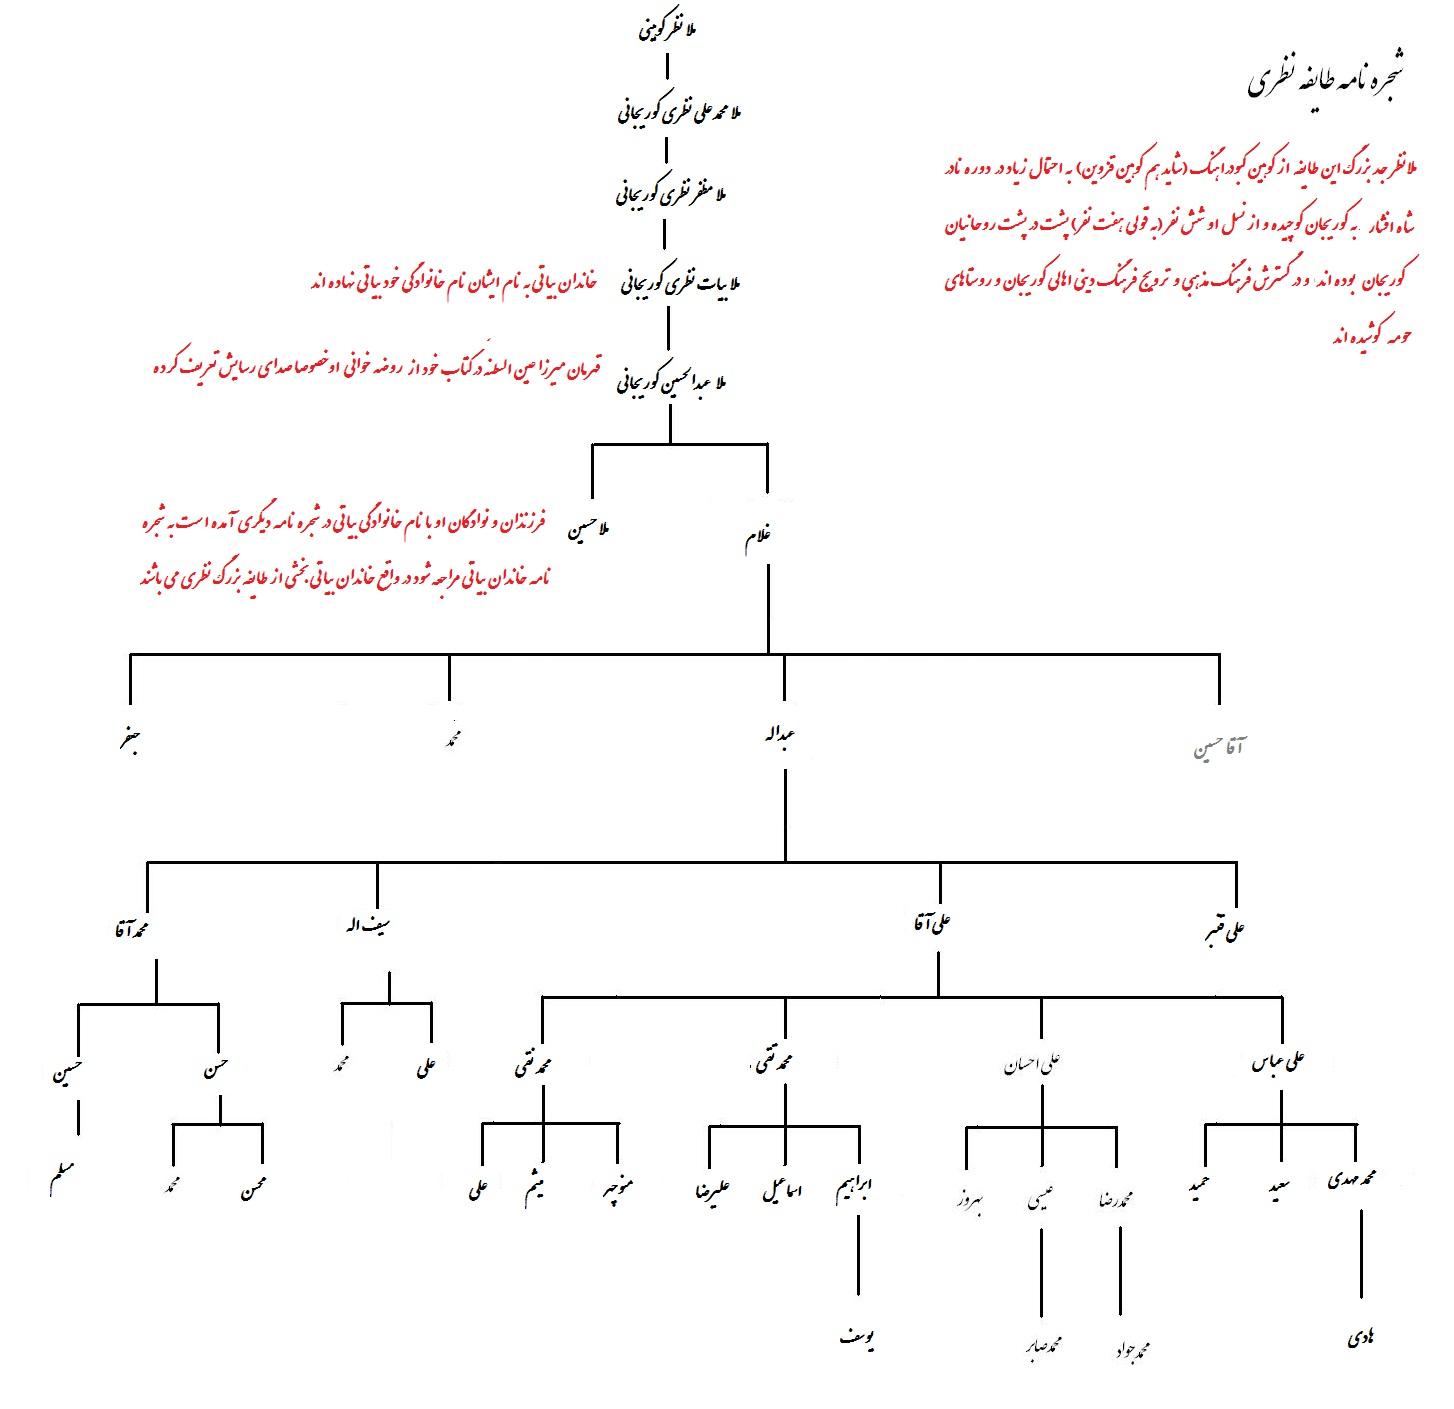 شجره نامه طایفه نظری-سایت دیار تاریخی کوریجان